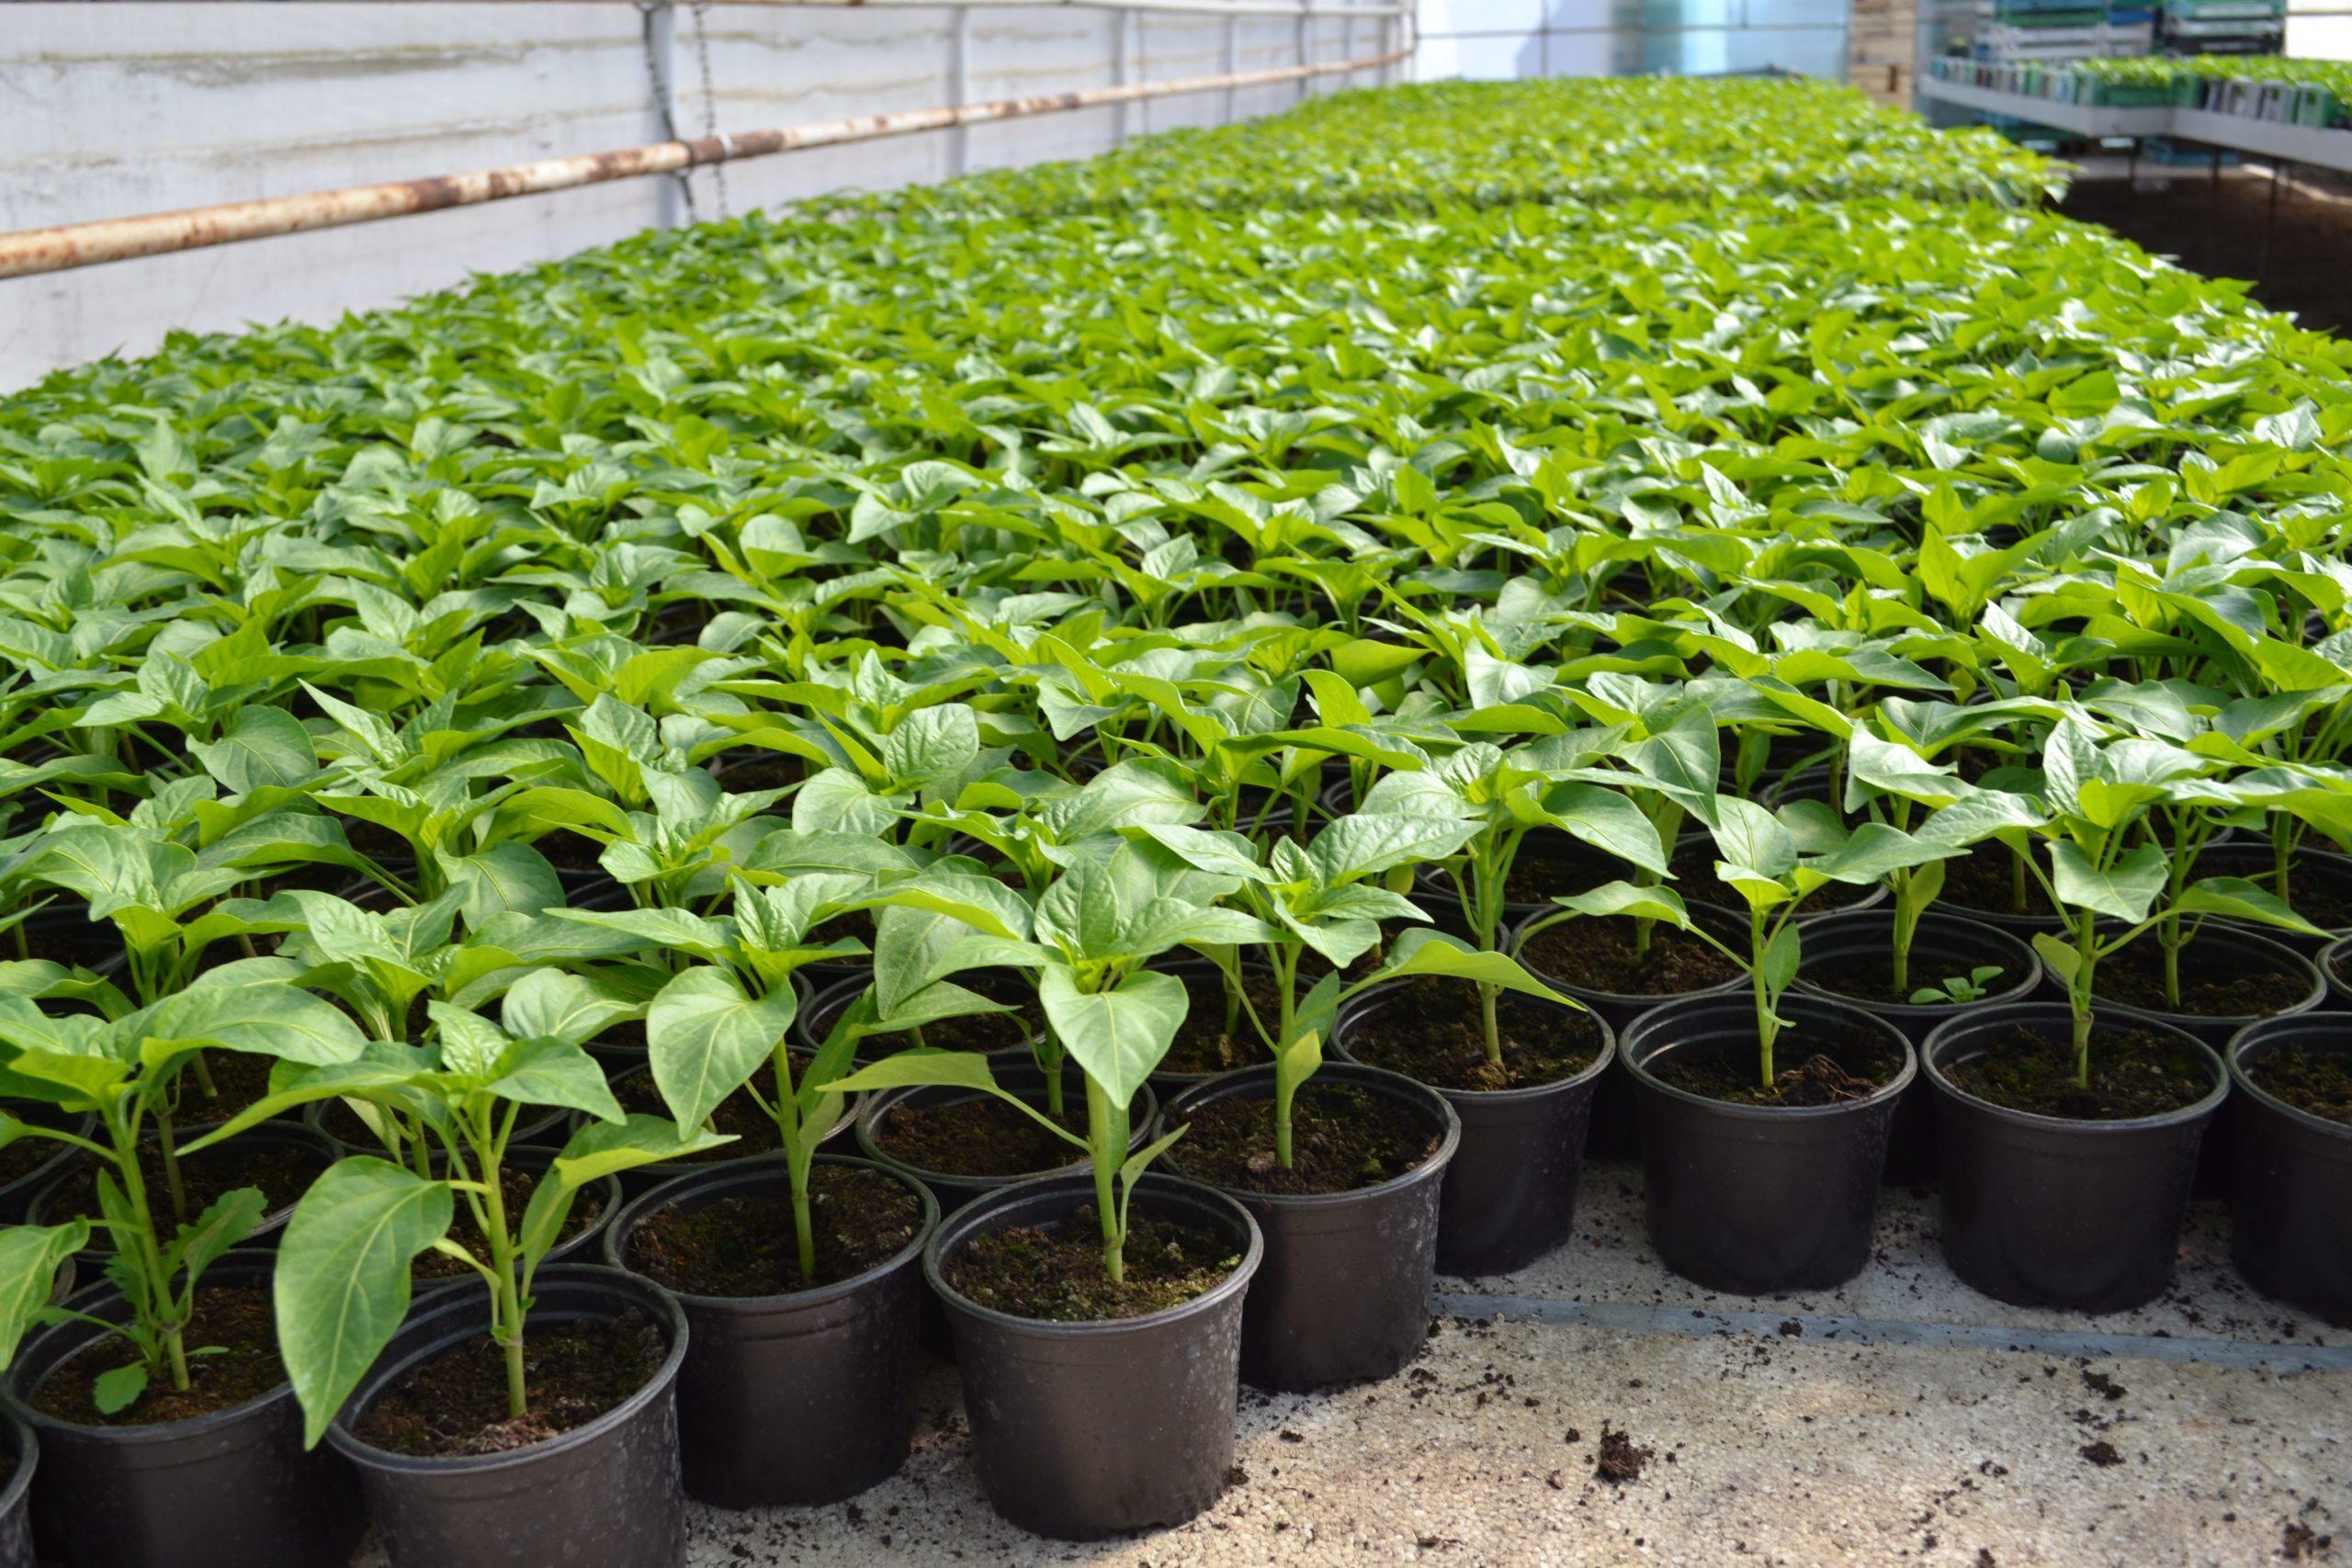 Na OPG-u Jurić godišnje proizvedu oko milijun presadnica povrća i začinskog bilja - Tukan Greens